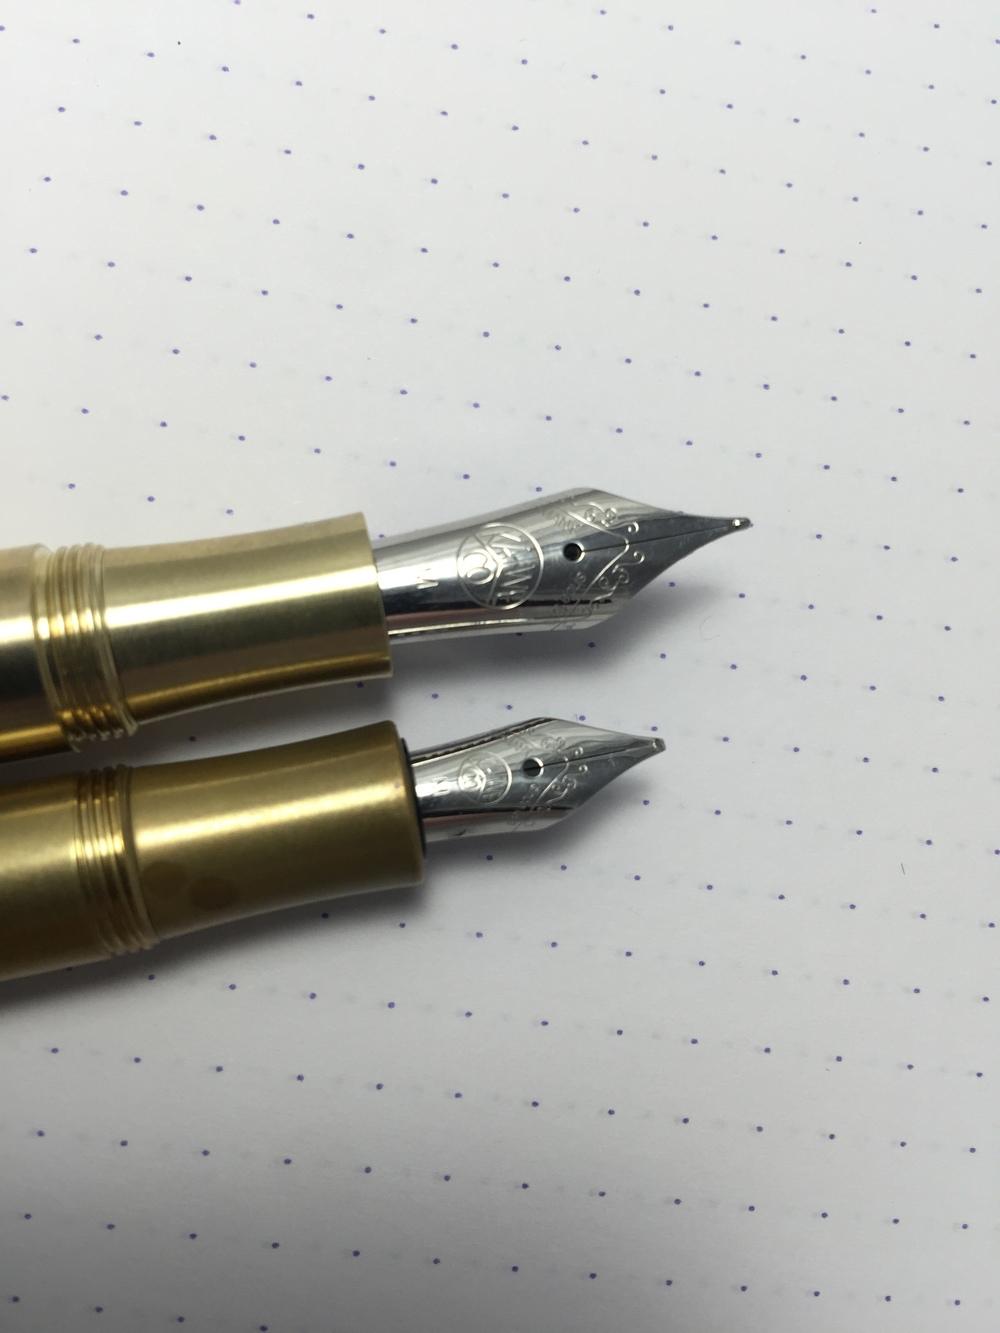 supra-nib-comparison